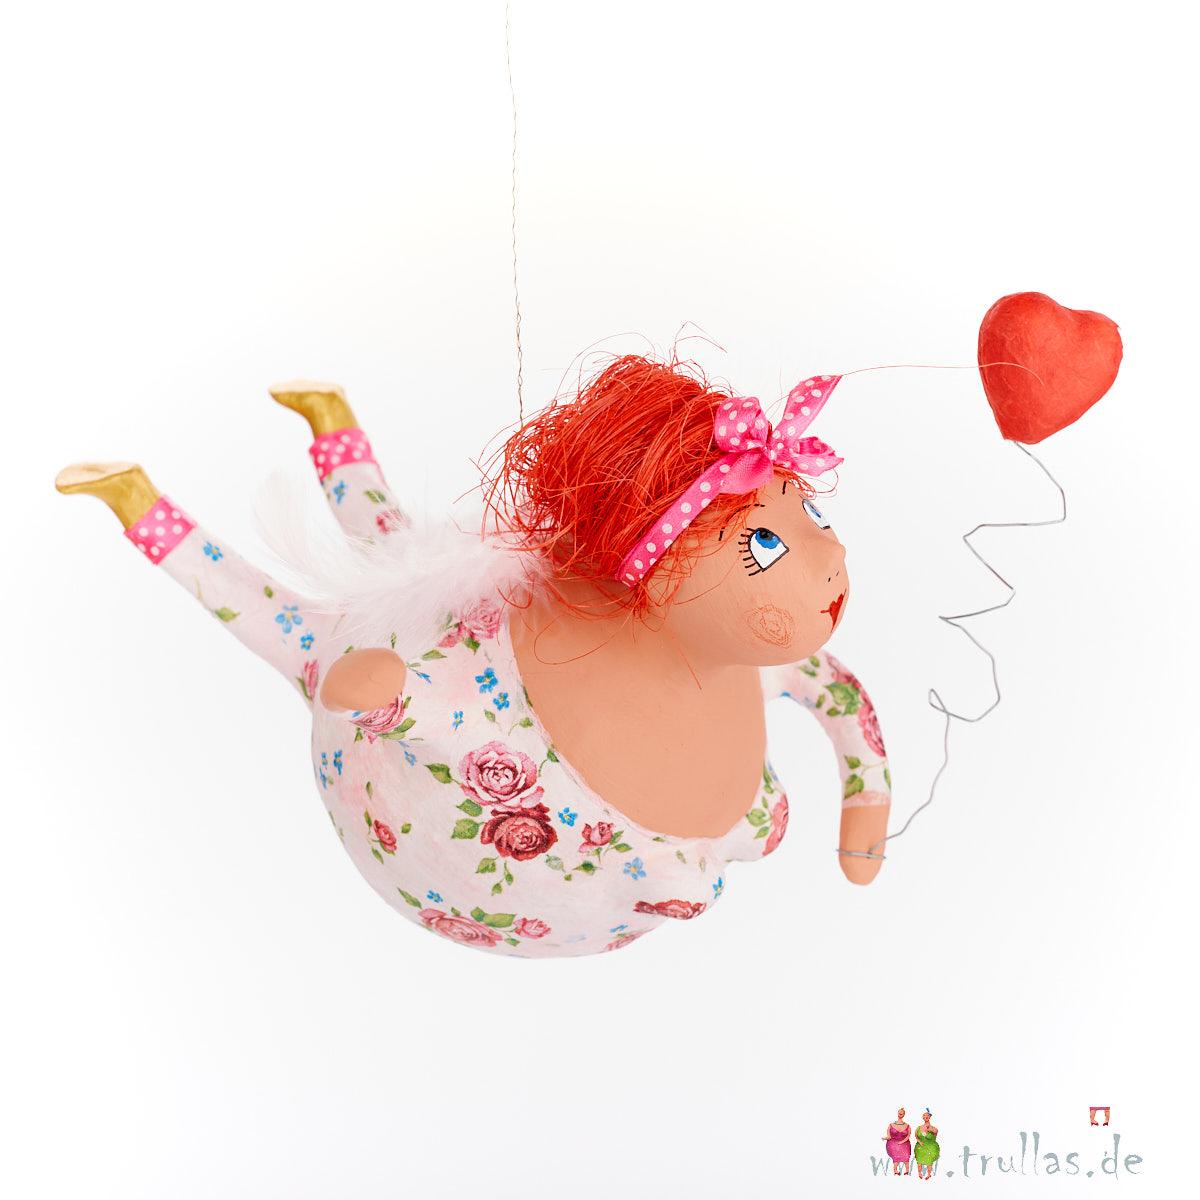 Schutzengel - Susanne ist eine handgefertigte Figur aus Pappmachee. Trullas sind Geschenkideen fur Menschen die handgemachte Kunst schätzen.